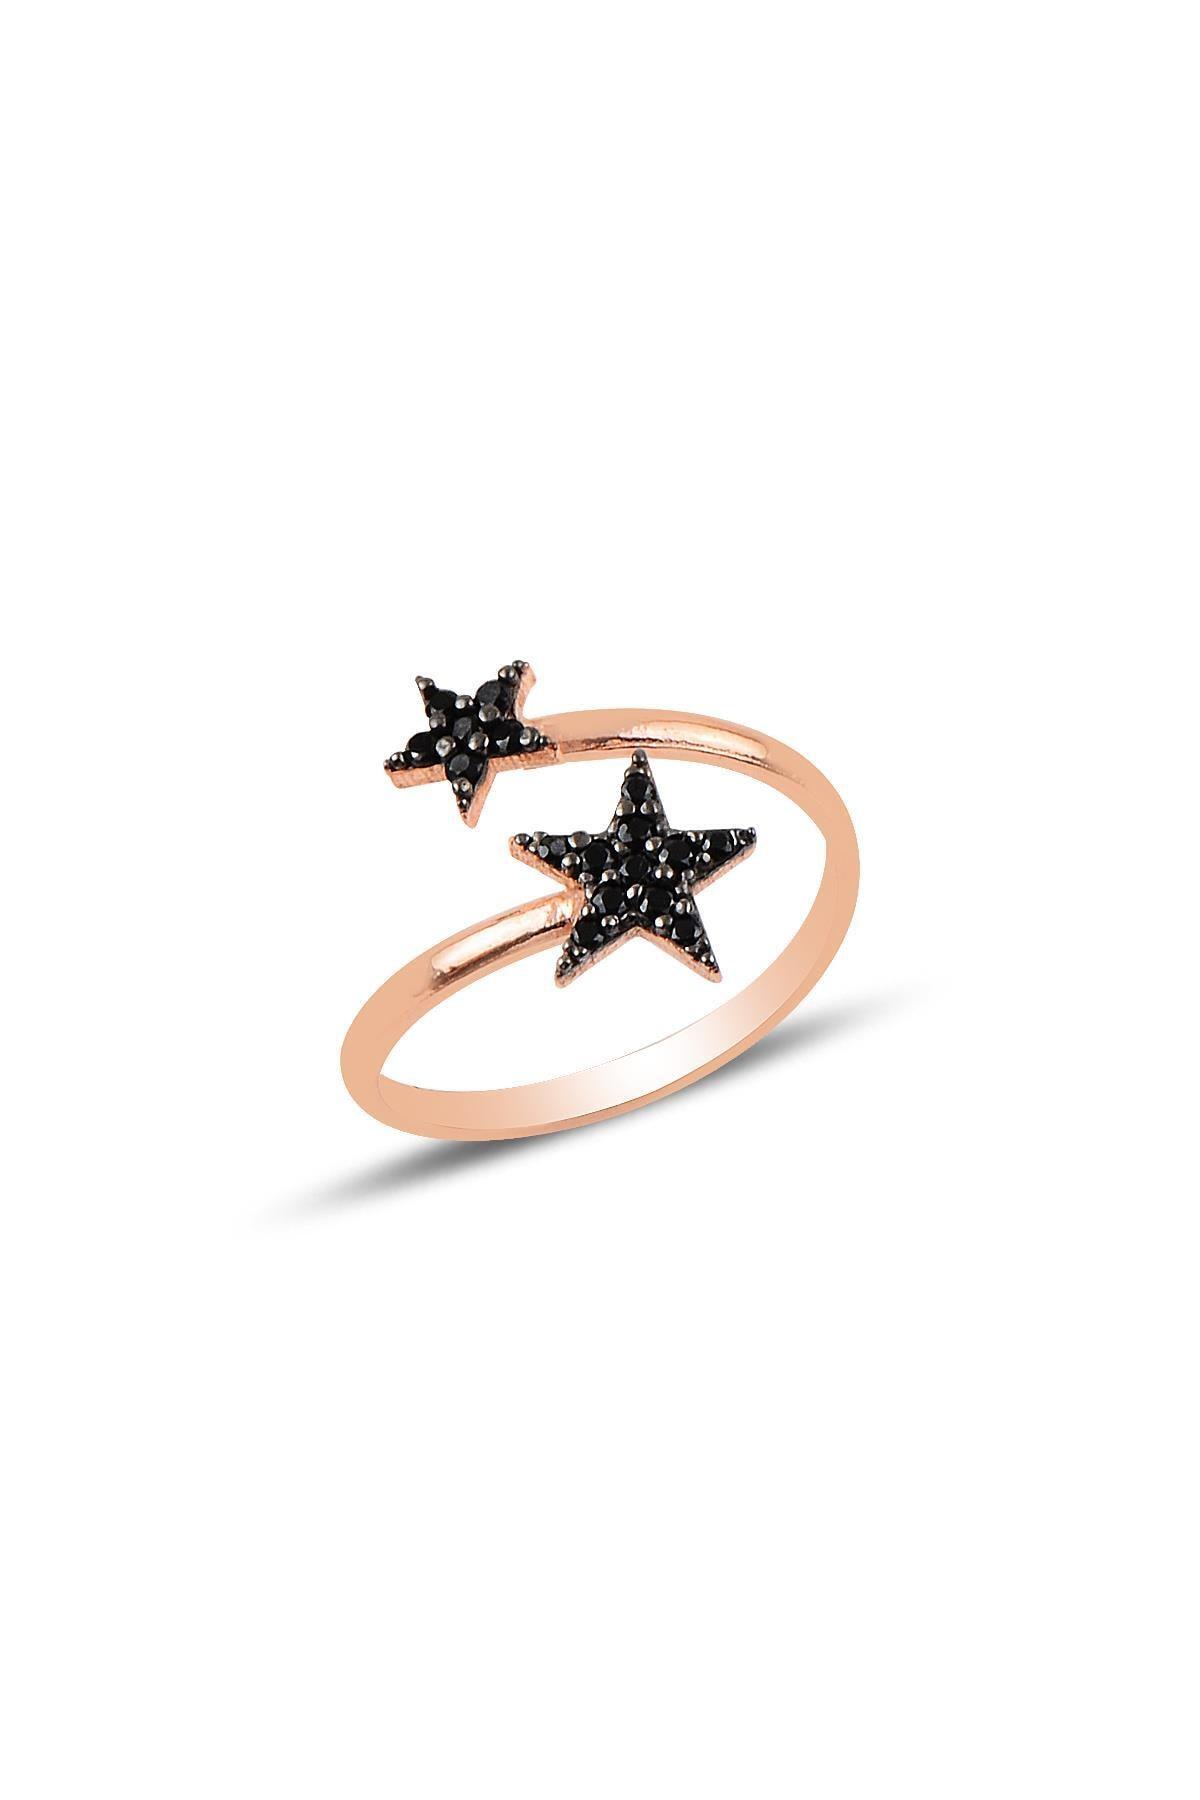 Söğütlü Silver Gümüş rose siyah taşlı kuyruklu yıldız kolye kupe ve yüzük üçlü set 3